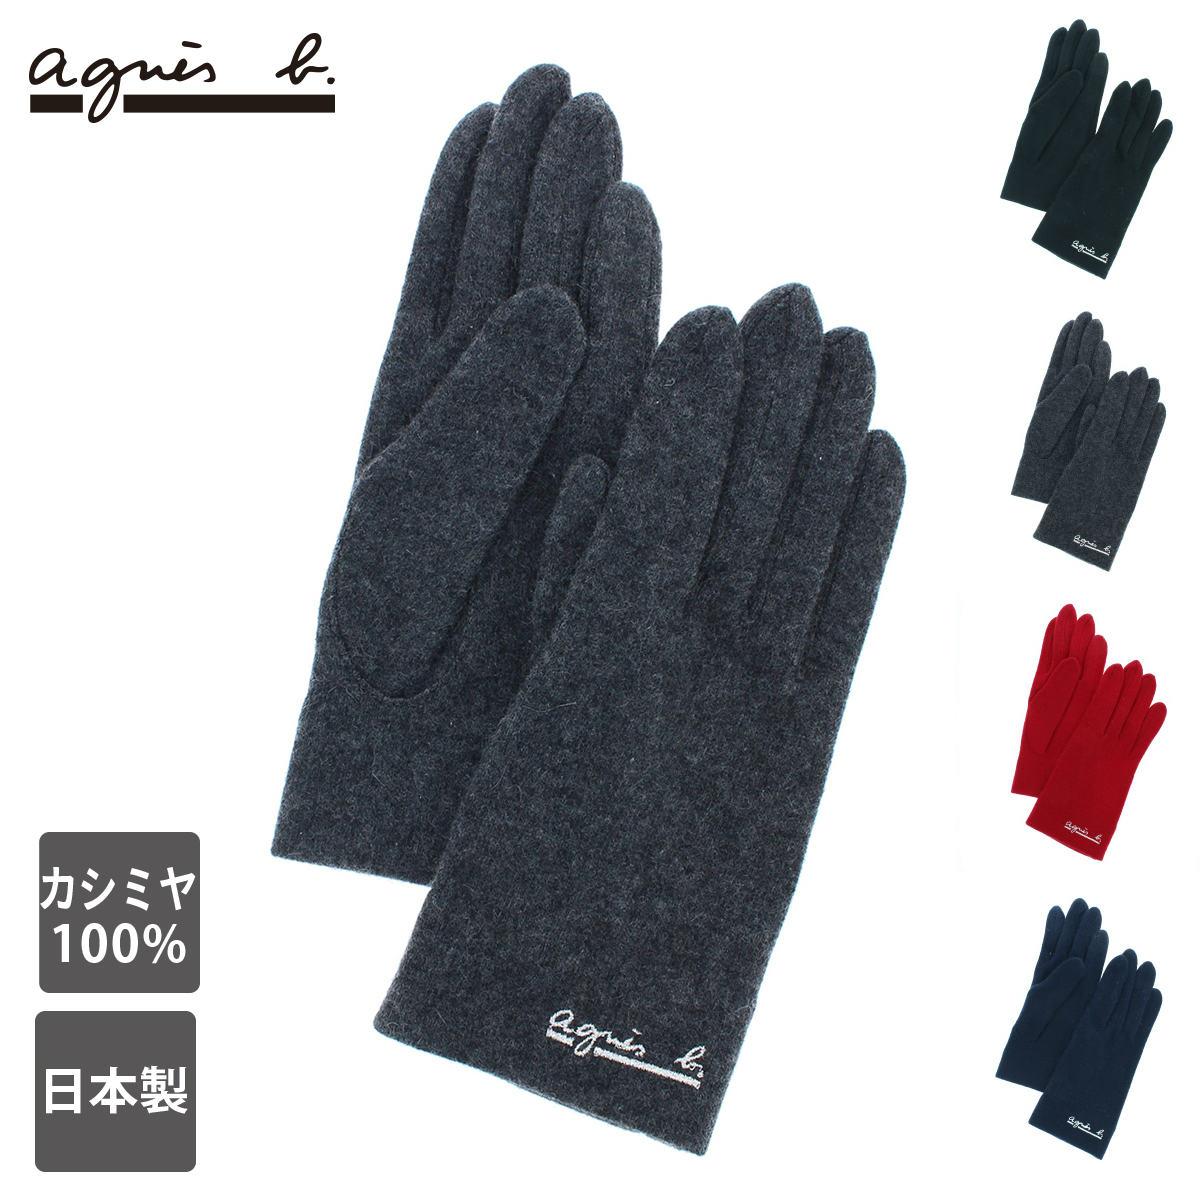 アニエスベー agnes b. レディース カシミヤ100% ジャージ手袋 人気ブランド 五本指 シンプル ベーシック 日本製 フリーサイズ プレセントに最適